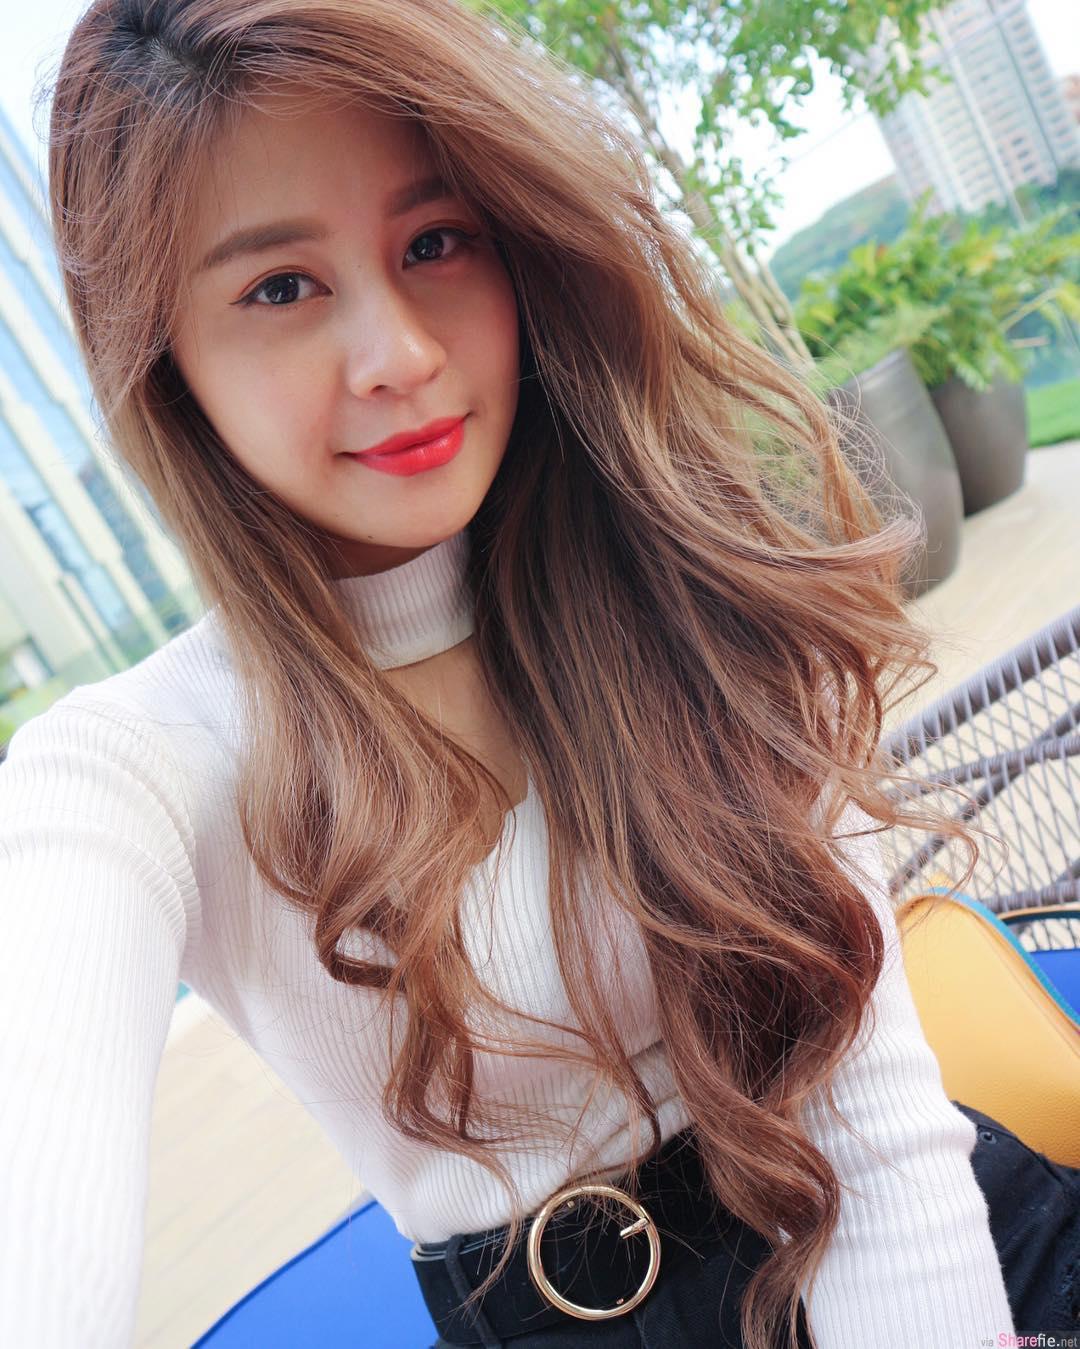 大马正妹 Yuth 颜韵芝 马甲线超吸睛 网友: 为什么你可以那么美